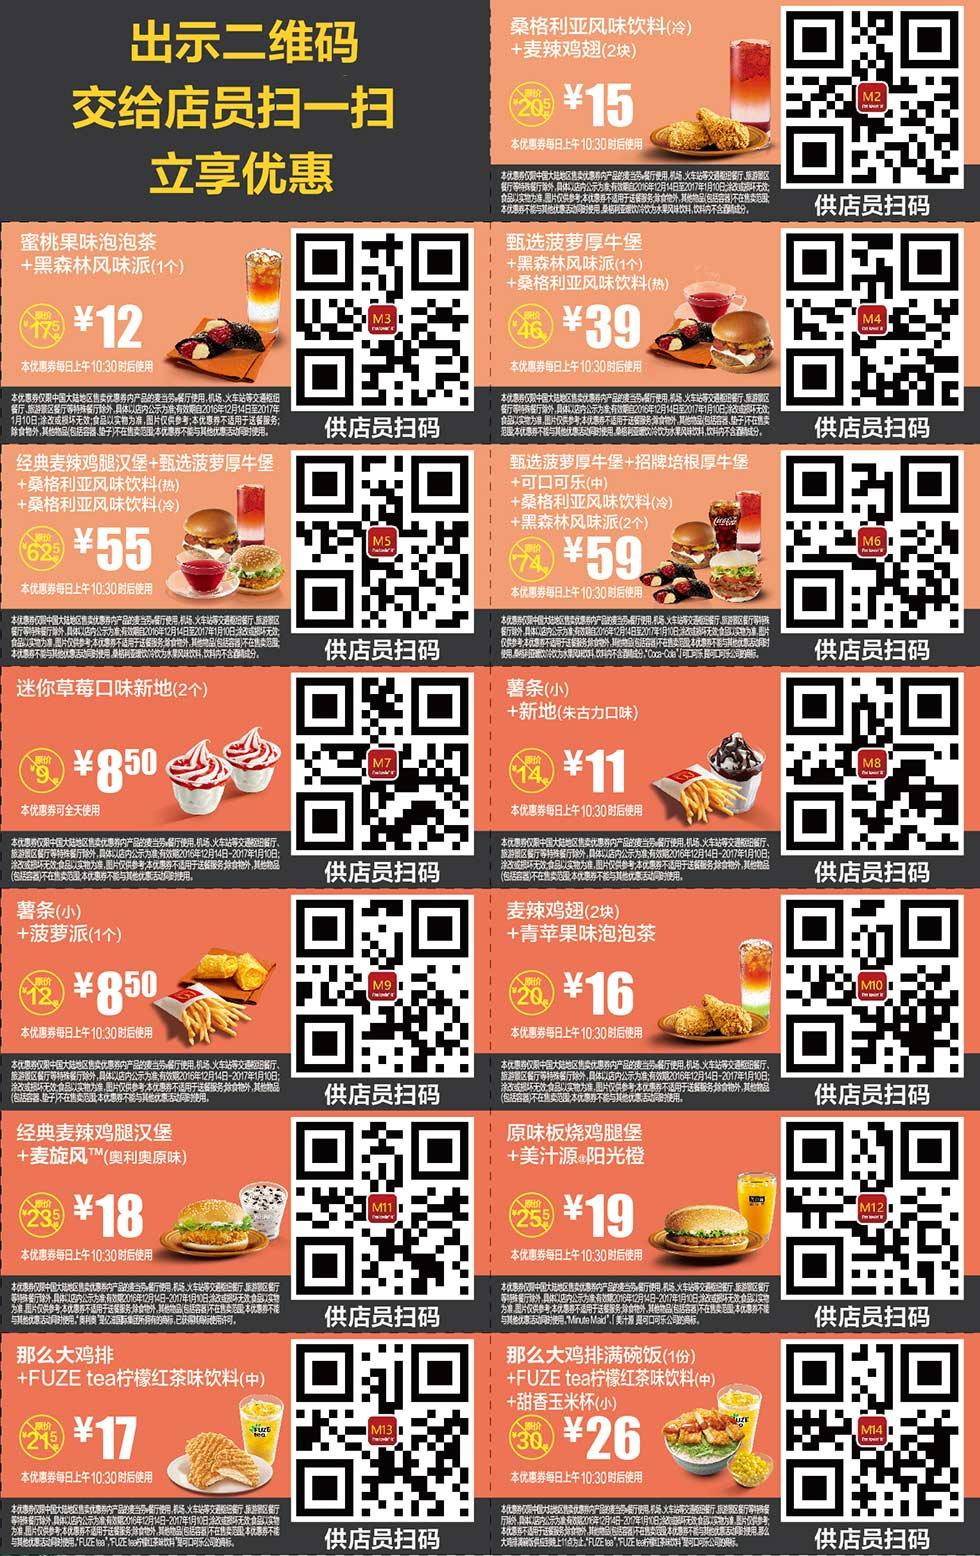 麦当劳优惠券手机版2016年12月2017年1月份整张版本,手机出示享优惠 有效期至:2017年1月10日 www.5ikfc.com